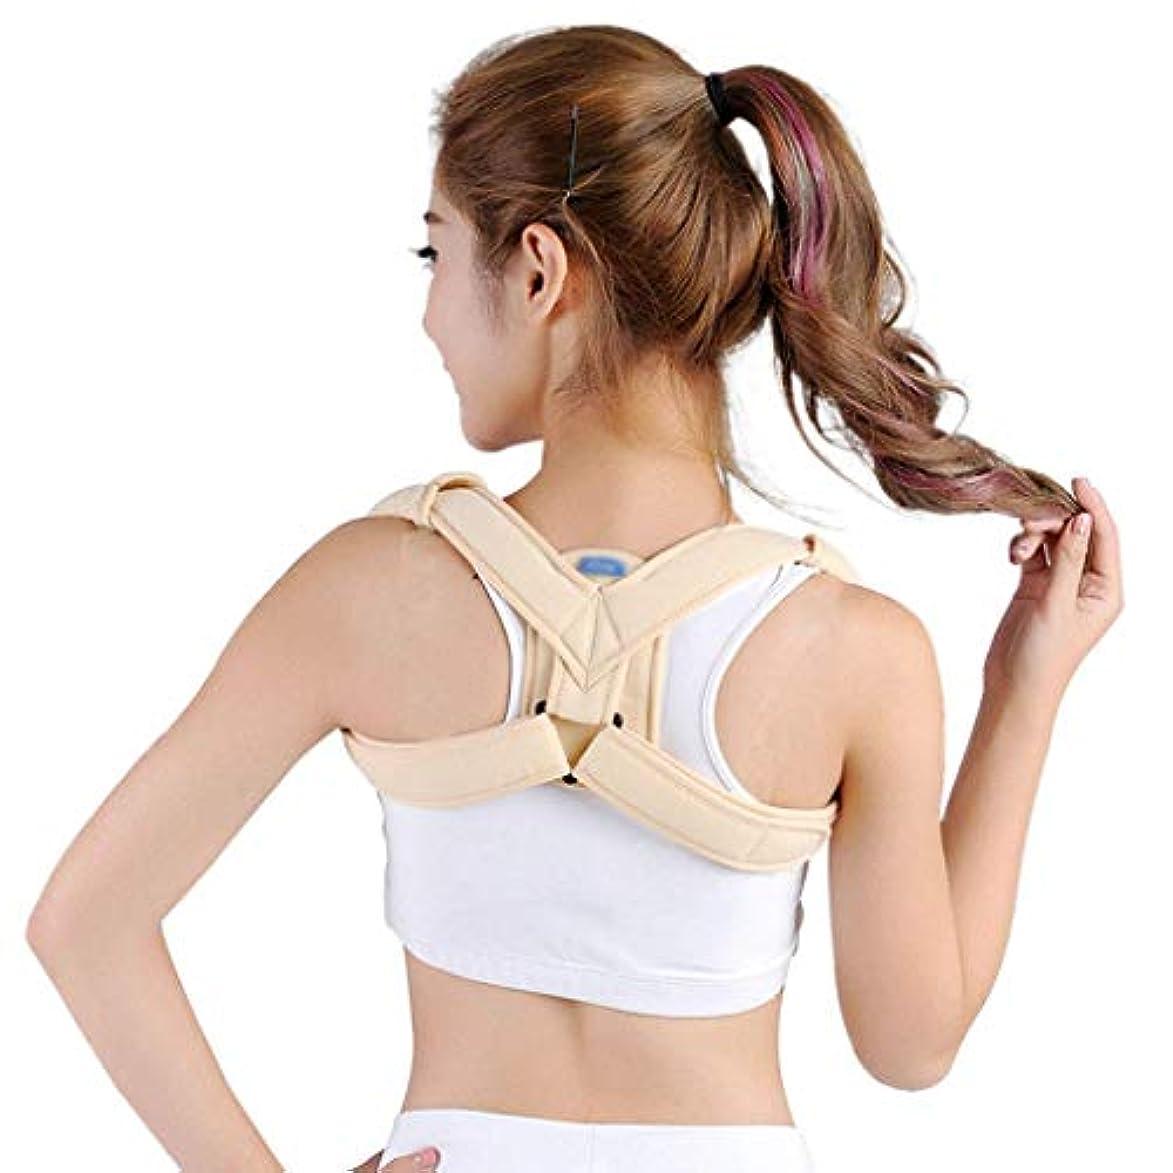 ジーンズお勧め寛大な腰部矯正ベルト、成人の脊柱矯正矯正による肩甲骨骨折固定を伴う子供の鎖骨